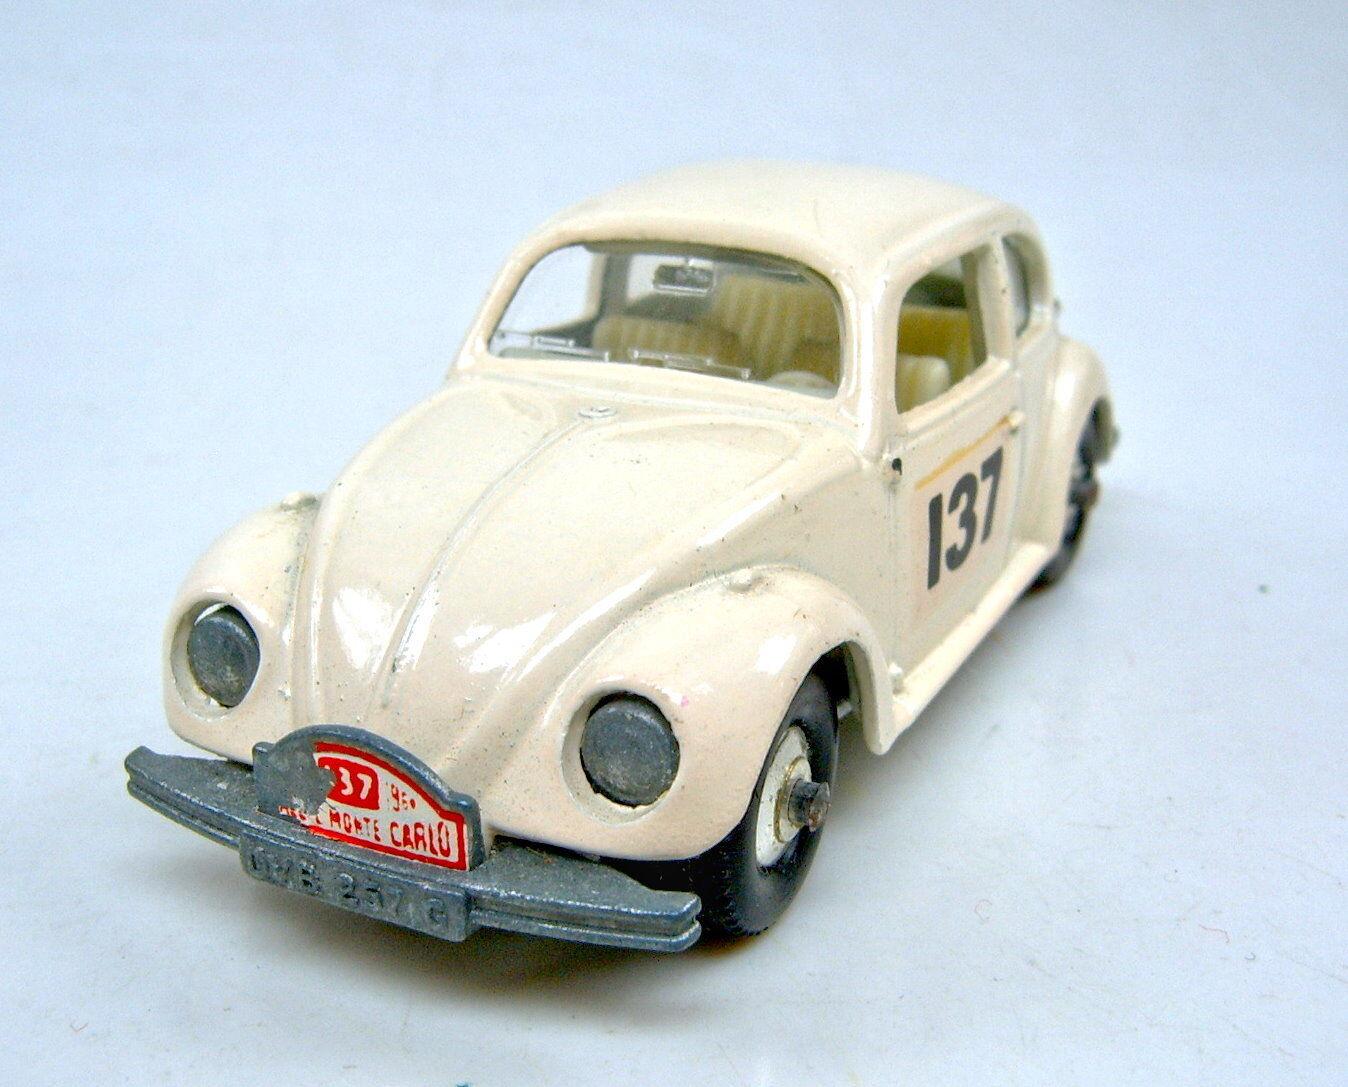 Matchbox VW 1500 RW15D modelo de pre-producción temprana fundición de moldes